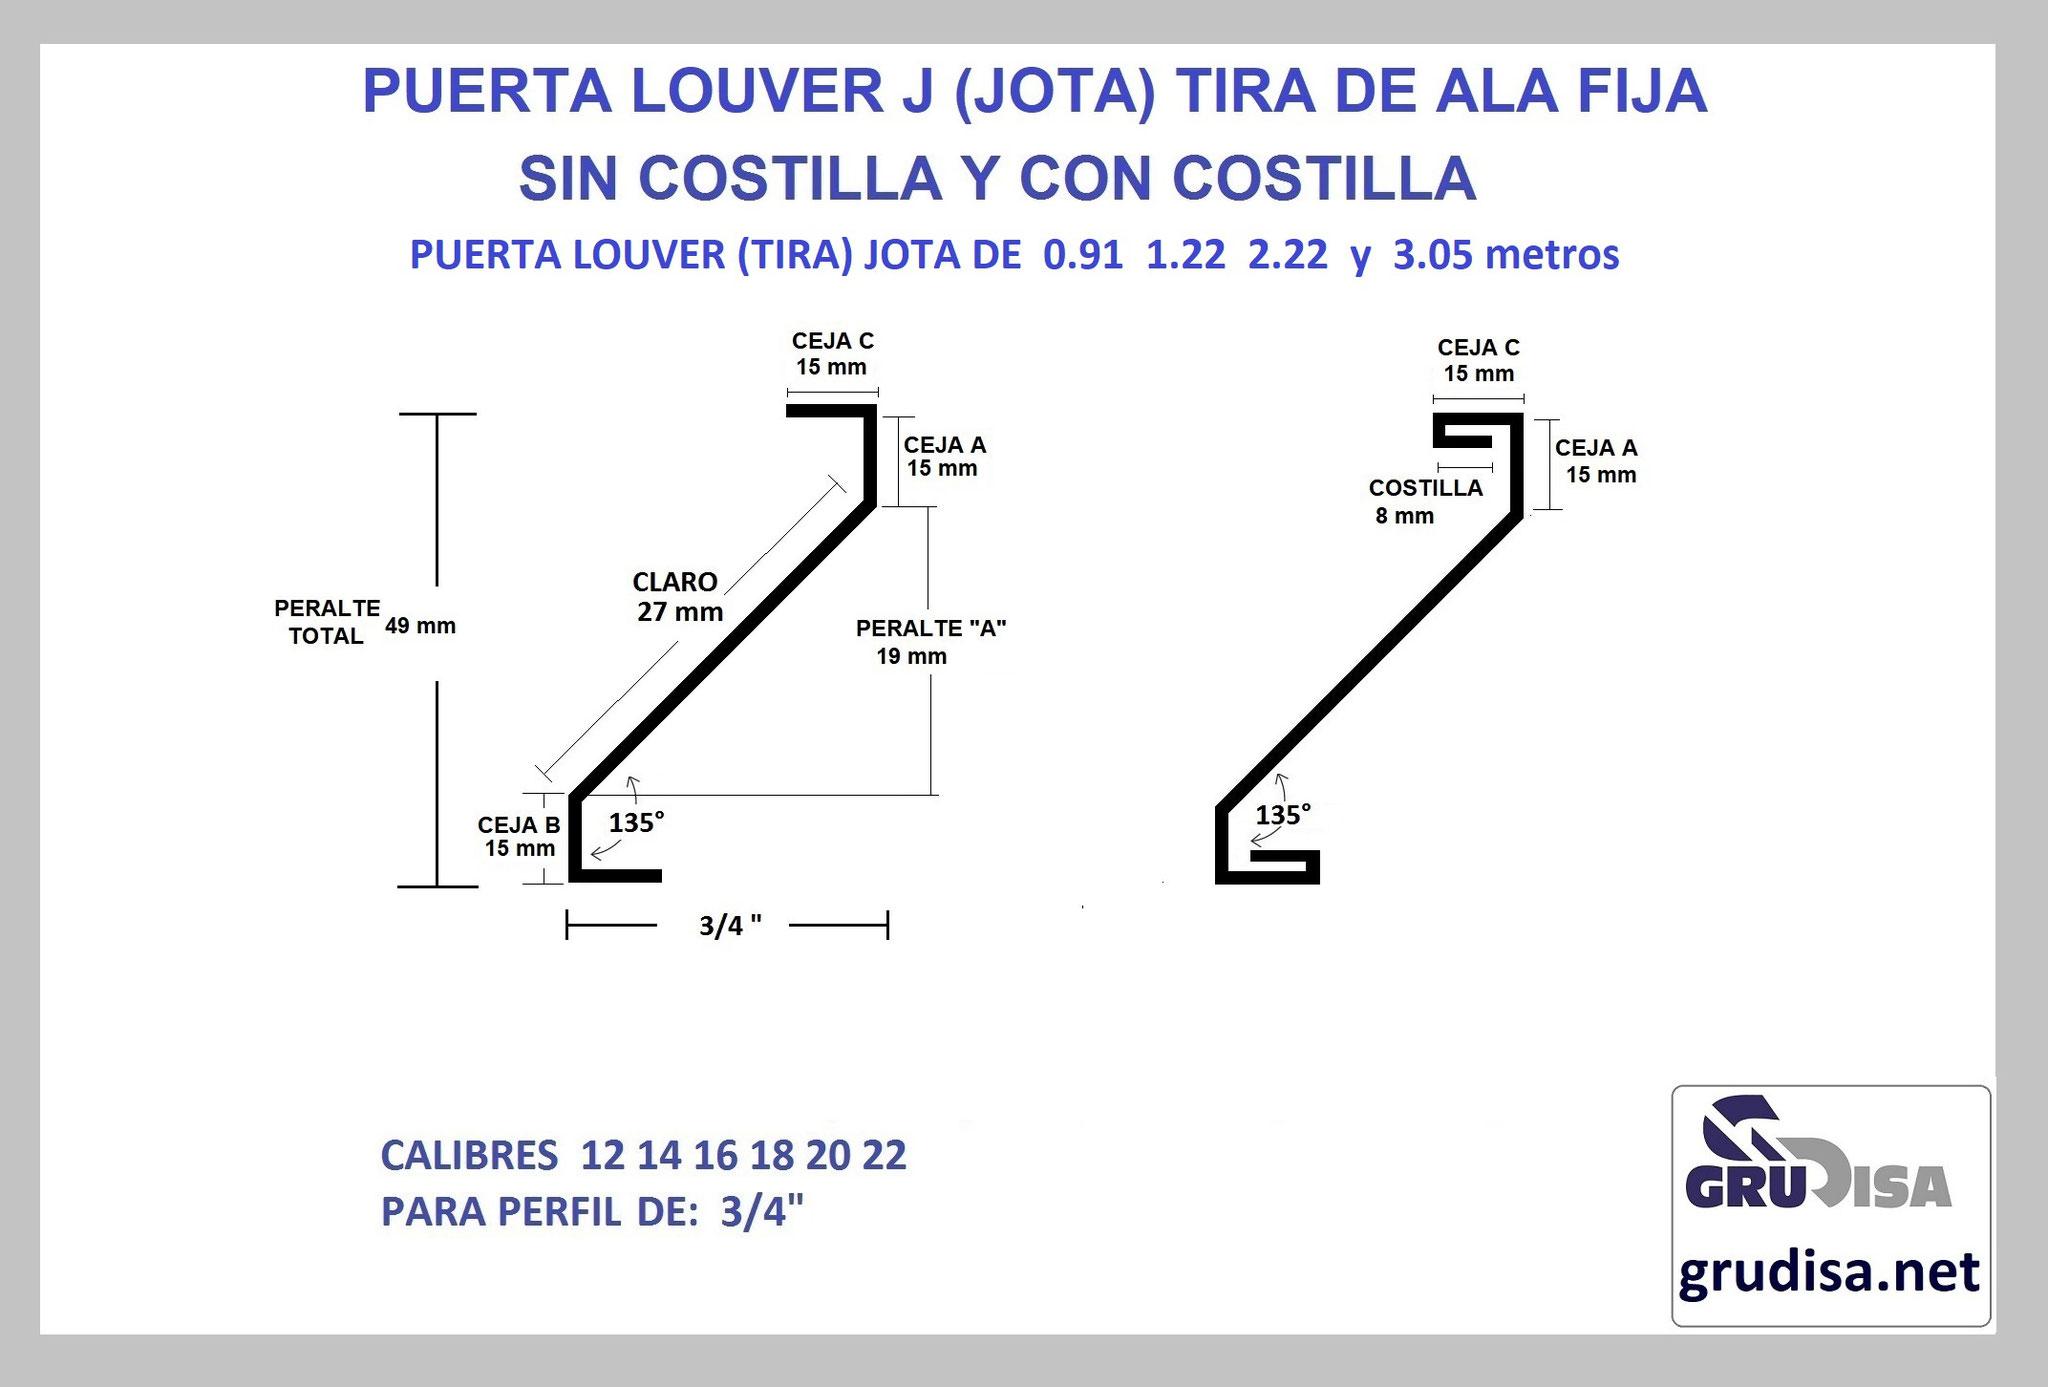 """PUERTA LOUVER (TIRA) J JOTA PARA PERFIL DE 3/4"""" CON Y SIN COSTILLA LARGOS DE 0.91  1.22  2.44  y 3.05m"""